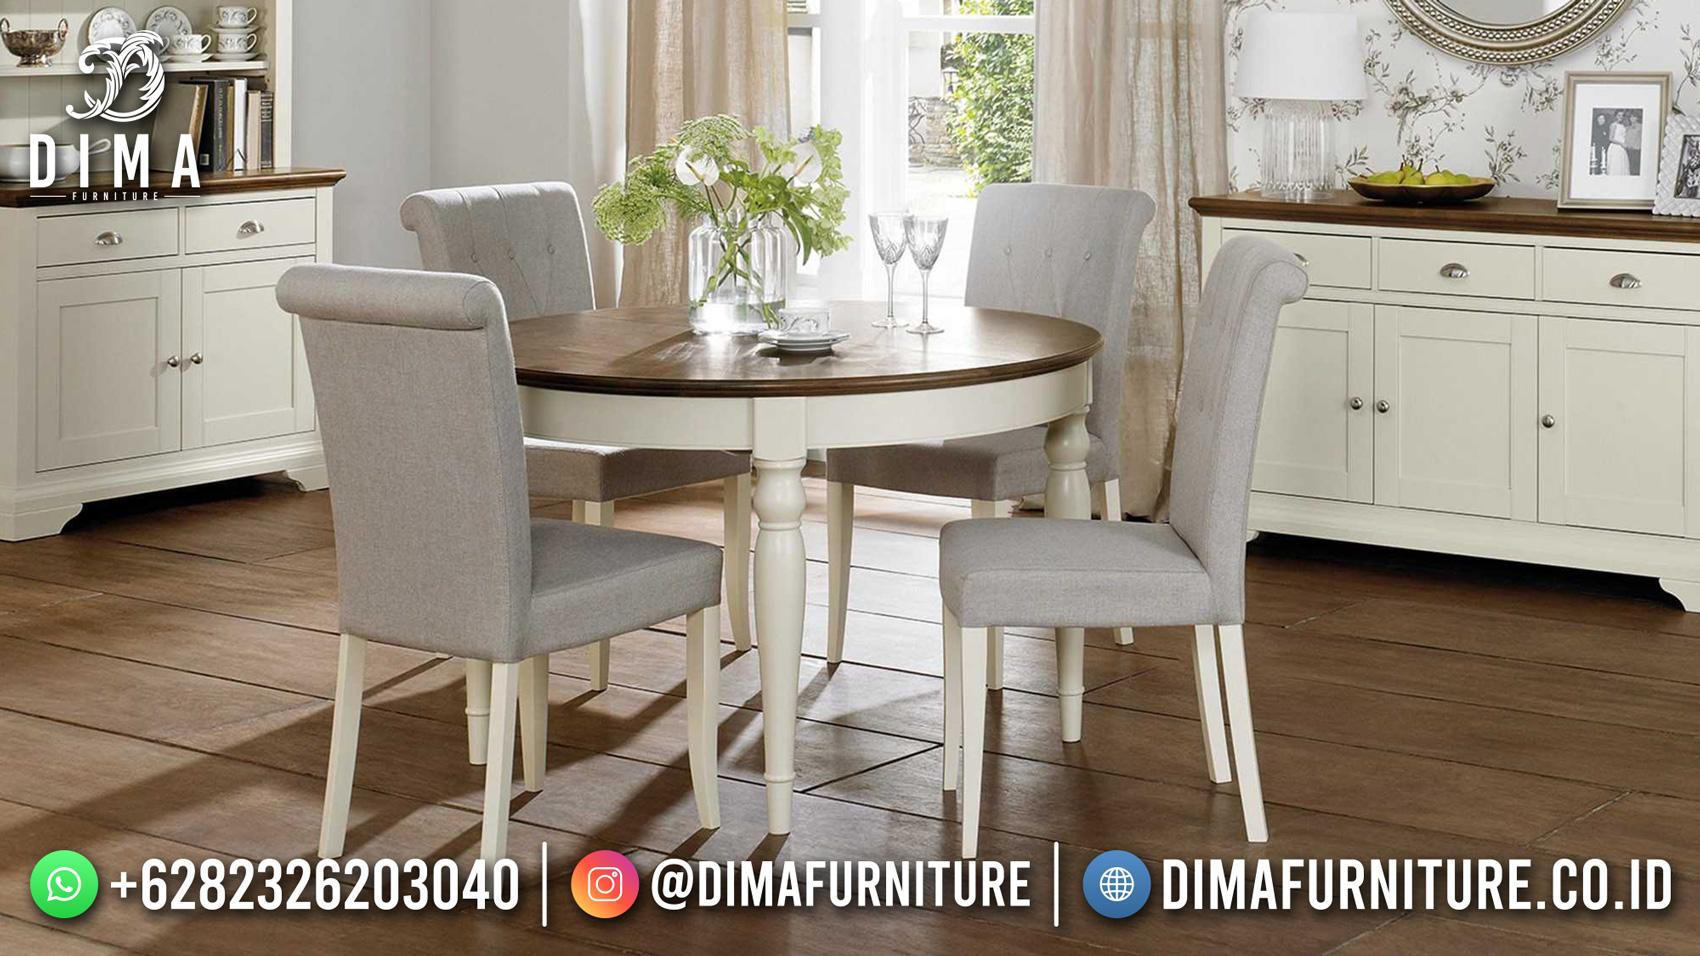 Best Price Meja Makan Minimalis Bundar Furniture Jepara Terbaru ST-1481